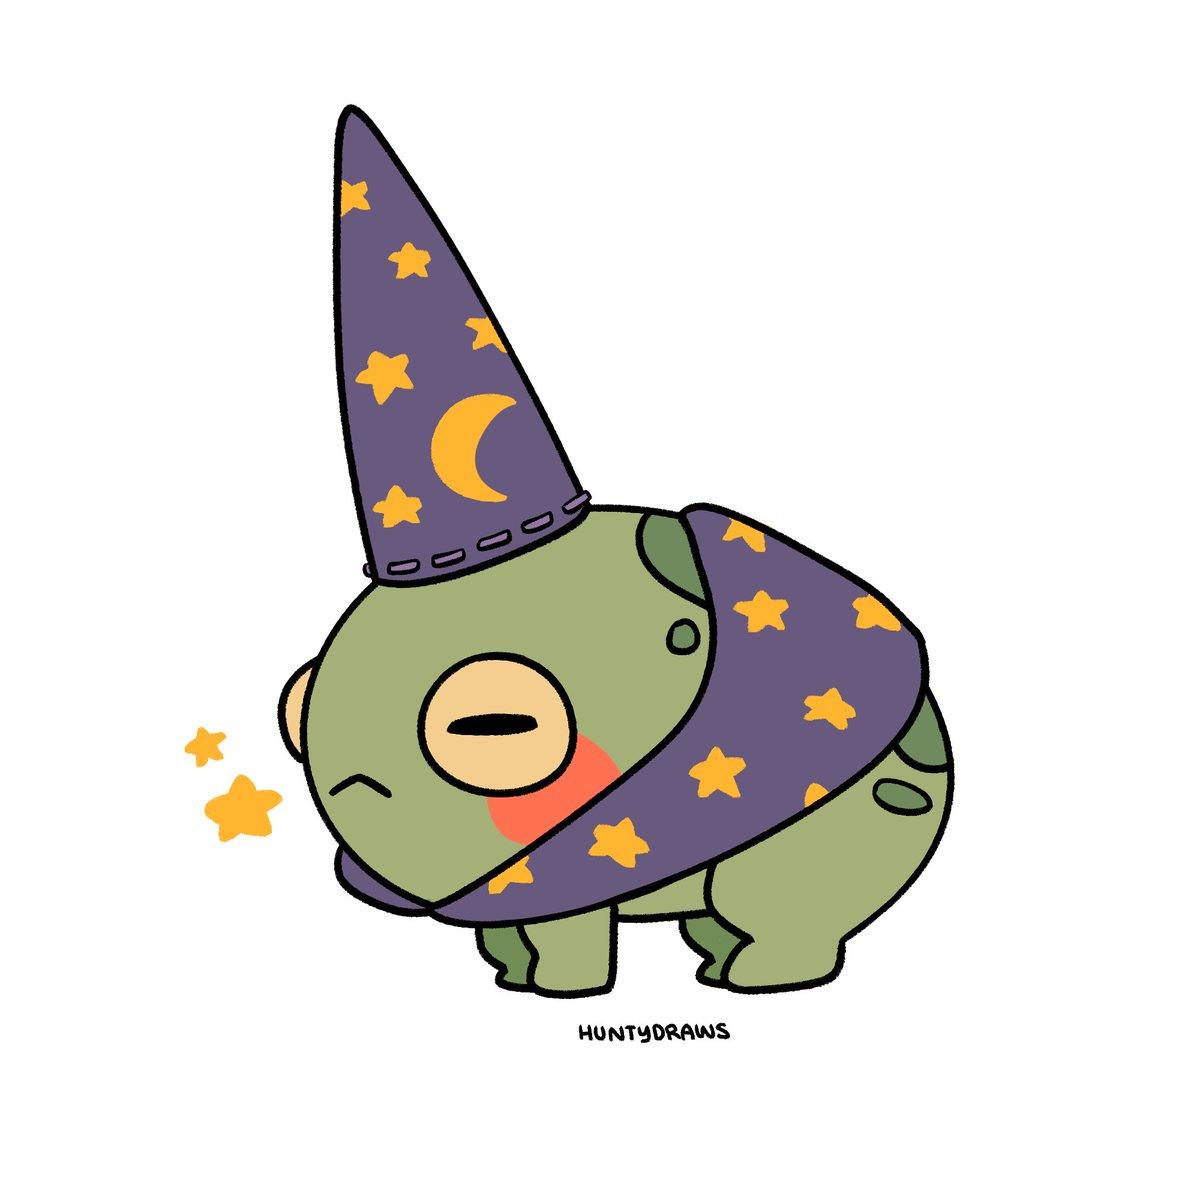 RT @HuntyDraws: wizard frog wizard frog wizard frog https://t.co/CvMfWXyvZJ